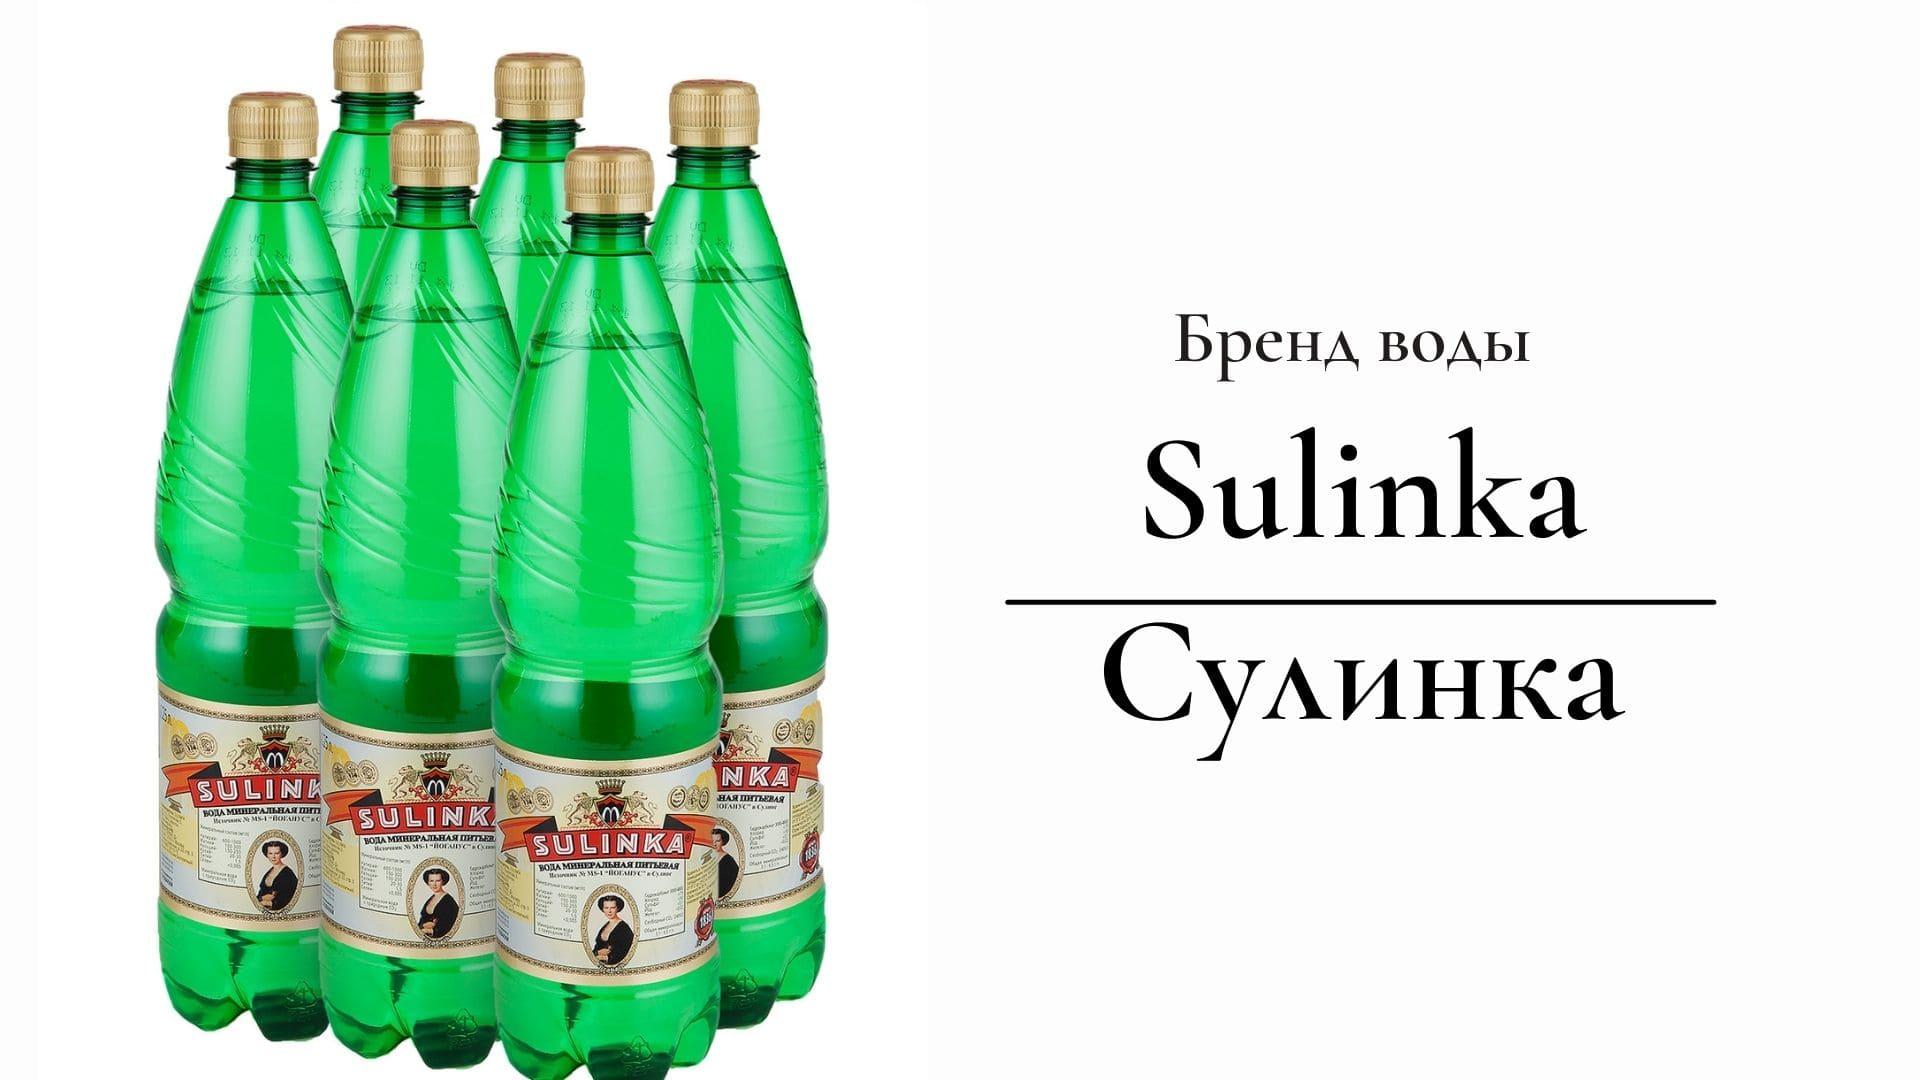 Бренд Сулинка